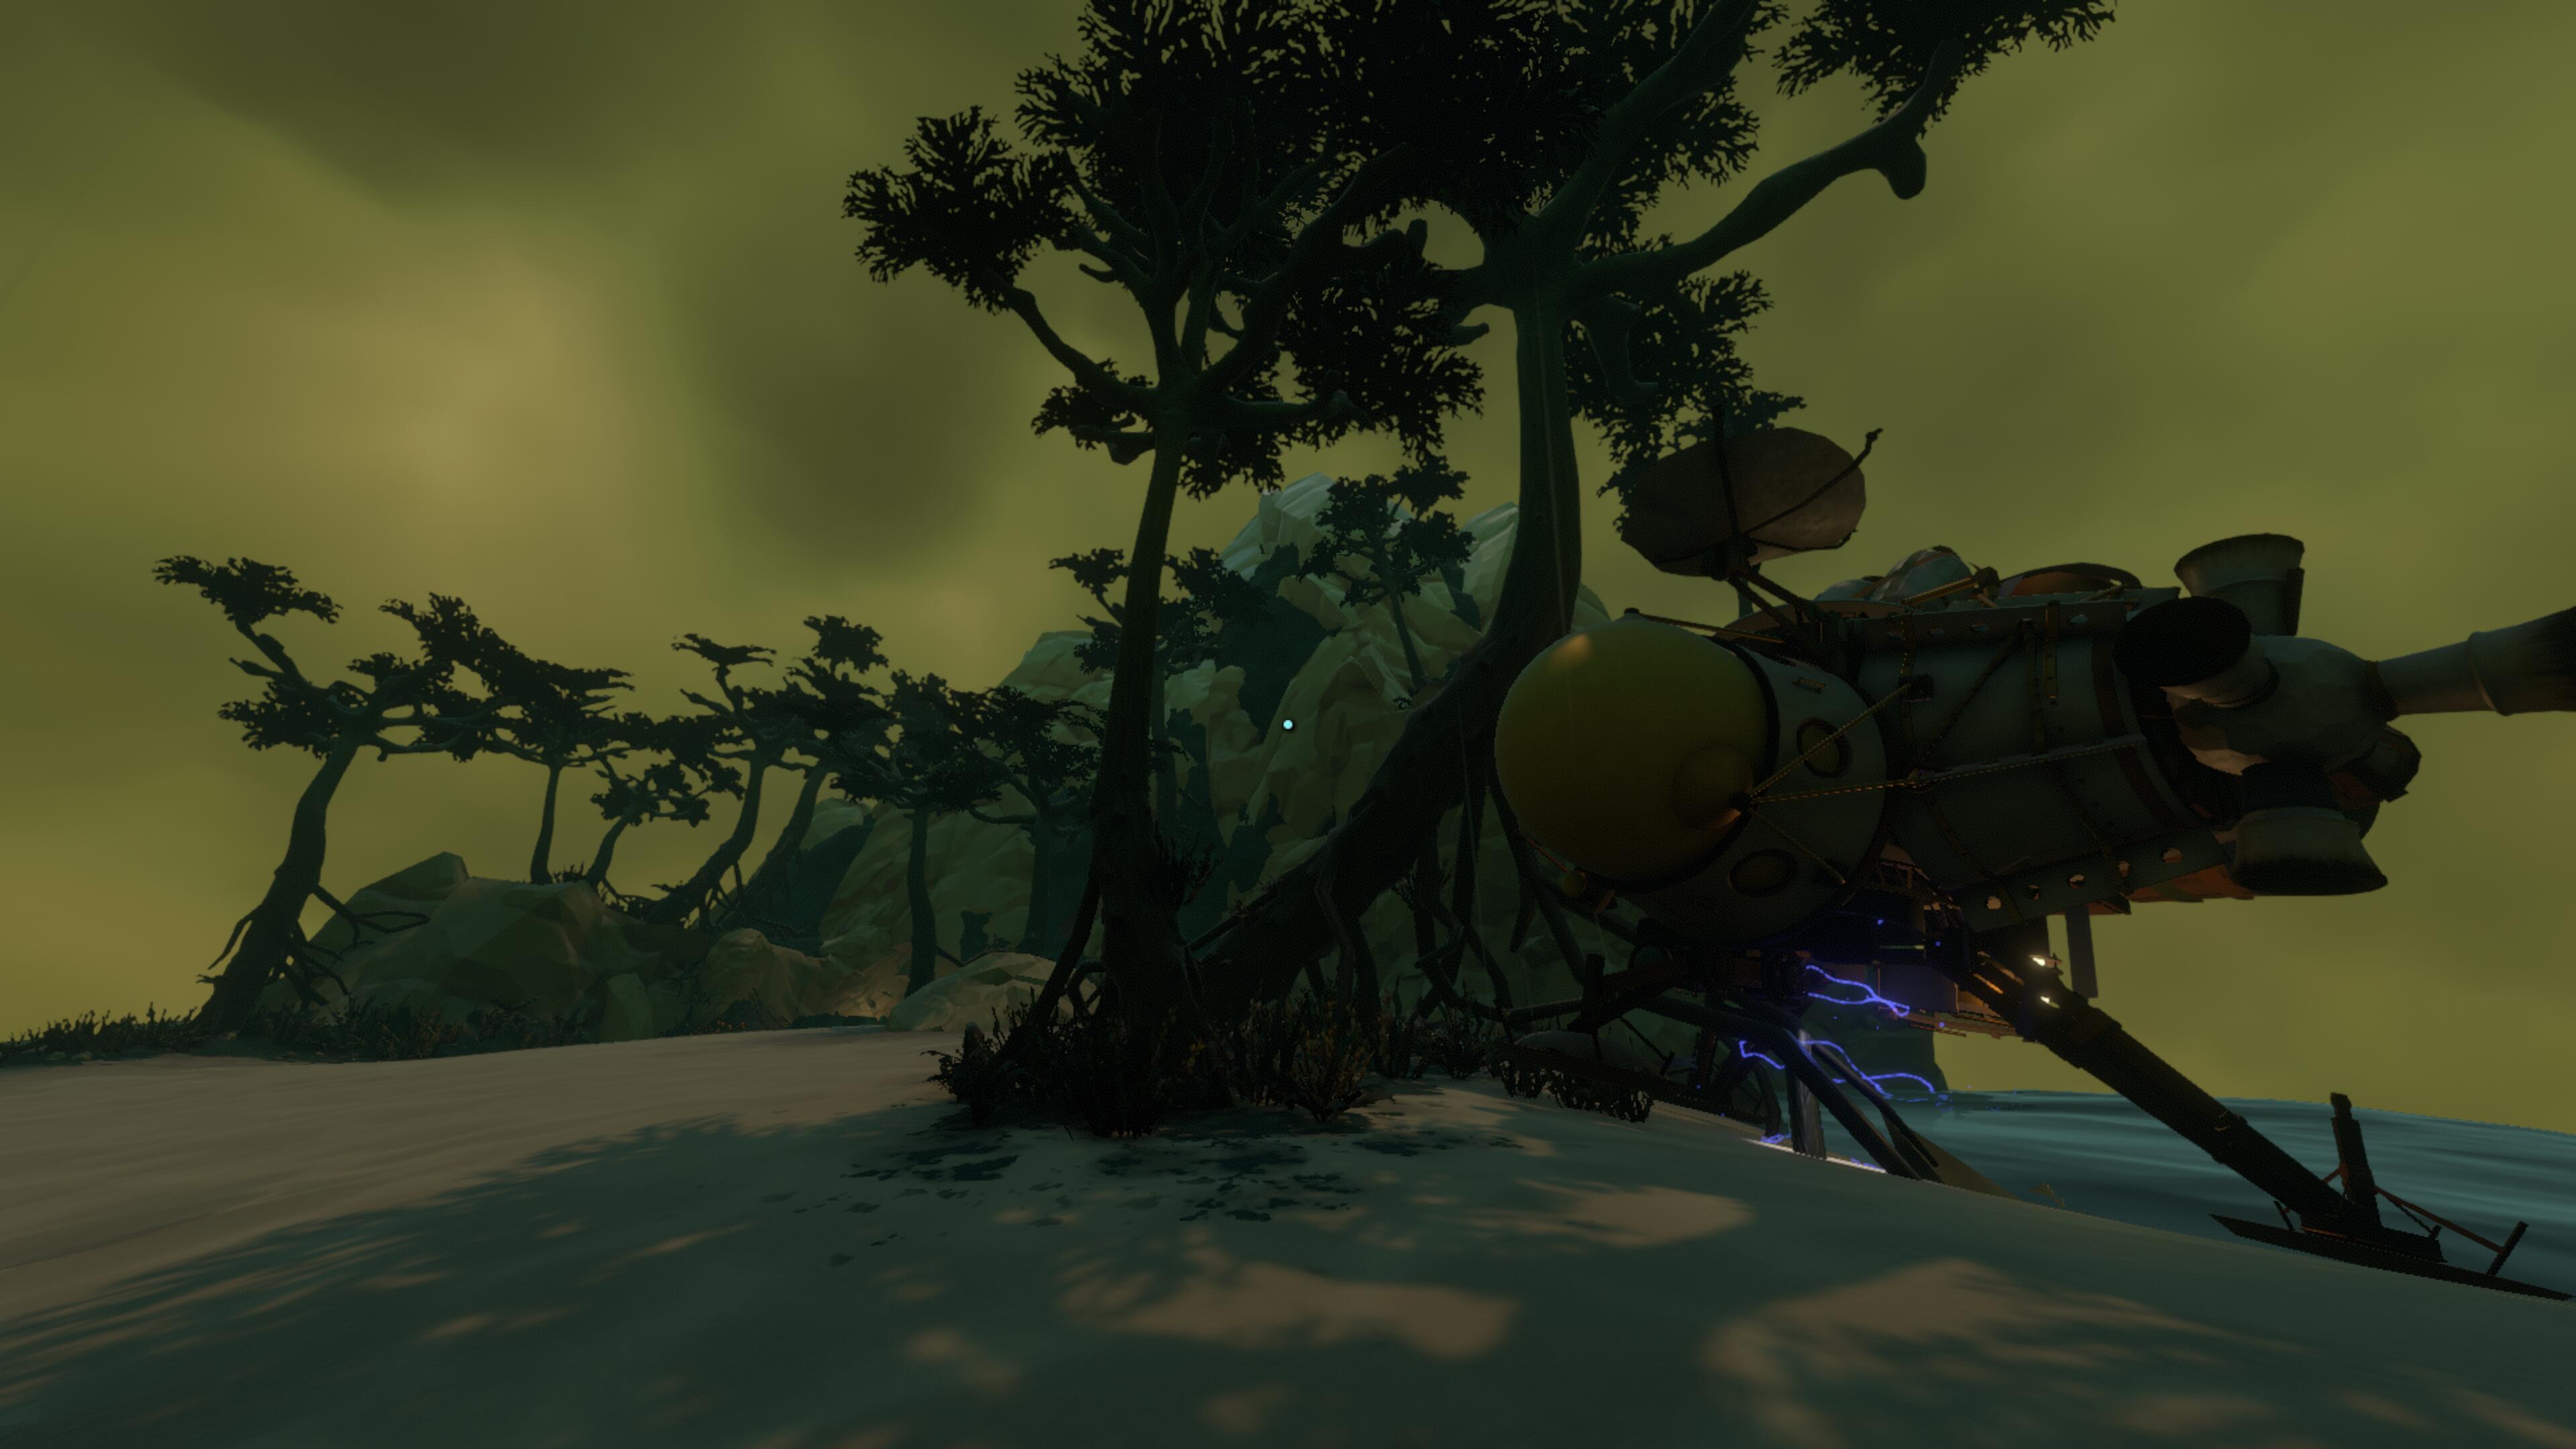 mon vaisseau touchant presque les arbres et une montagne dans le fond.